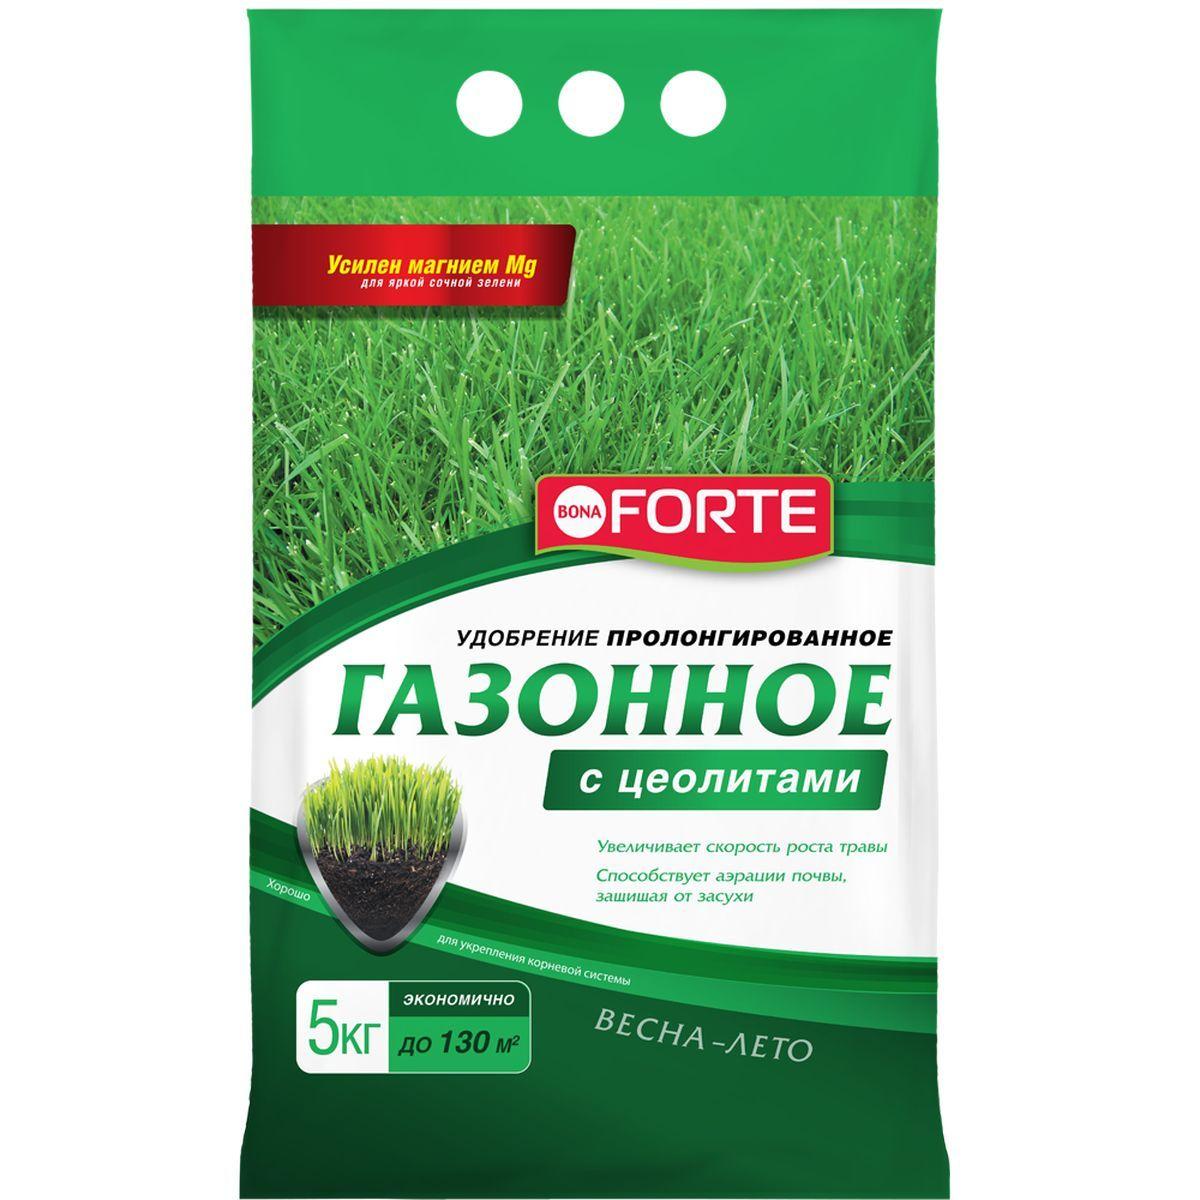 Удобрение Bona Forte, газонное, с цеолитом, 5 кгBF-23-01-031-1Для всех видов газонных трав. Восстанавливает траву после скашивания, увеличивает скорость роста травы, укрепляет и уплотняет травяной покров, придает сочный и яркий зеленый цвет газону, способствует укрепления корневой системы.Удобрения дополнительно обогащены ЦЕОЛИТОМ, который имеет уникальные полезные качества:- удерживает влагу и питательные вещества в корнеобитаемой зоне растений;- снижает стрессы растений при посадке и пересадке;- обеспечивает оптимальный воздушный режим даже при максимальном насыщении грунта водой;- делает удобрения пролонгированными.